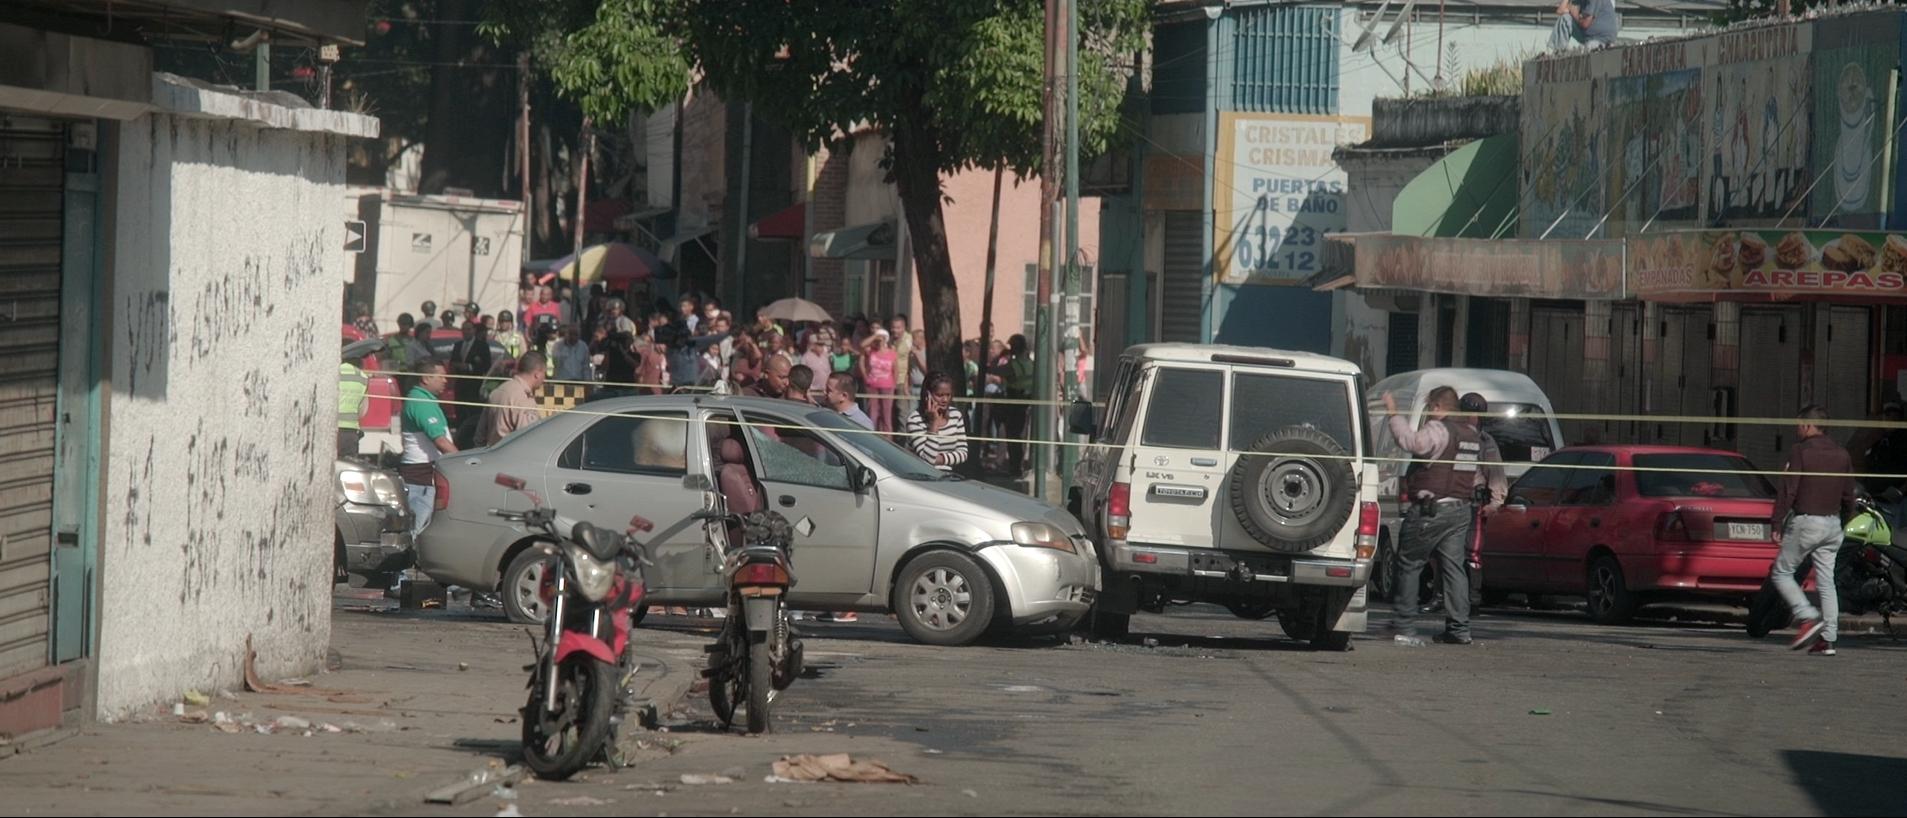 LA RANçON 20 - Caracas, Vénézuela, fusillade après une tentative de kidnapping -(c) Little Big Story